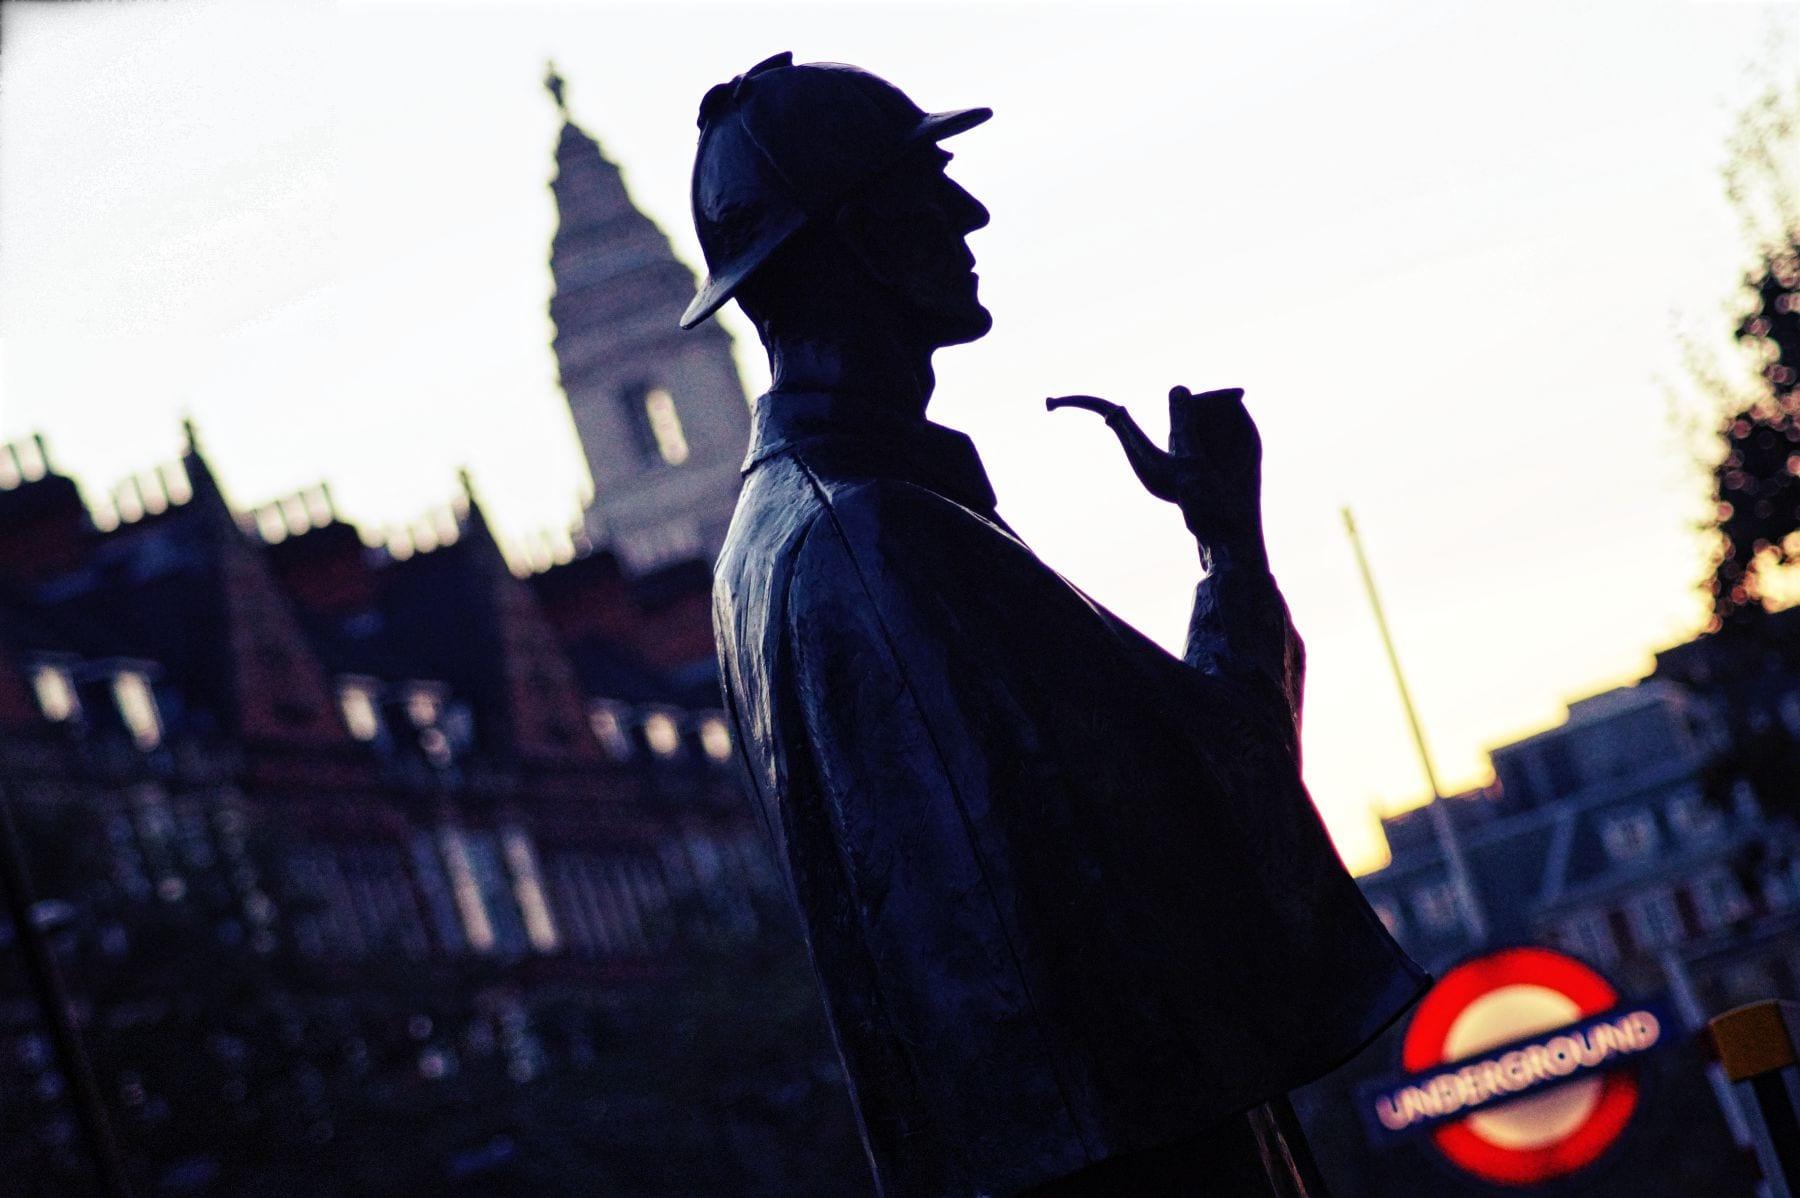 sherlock-holmes-statue-baker-street-2